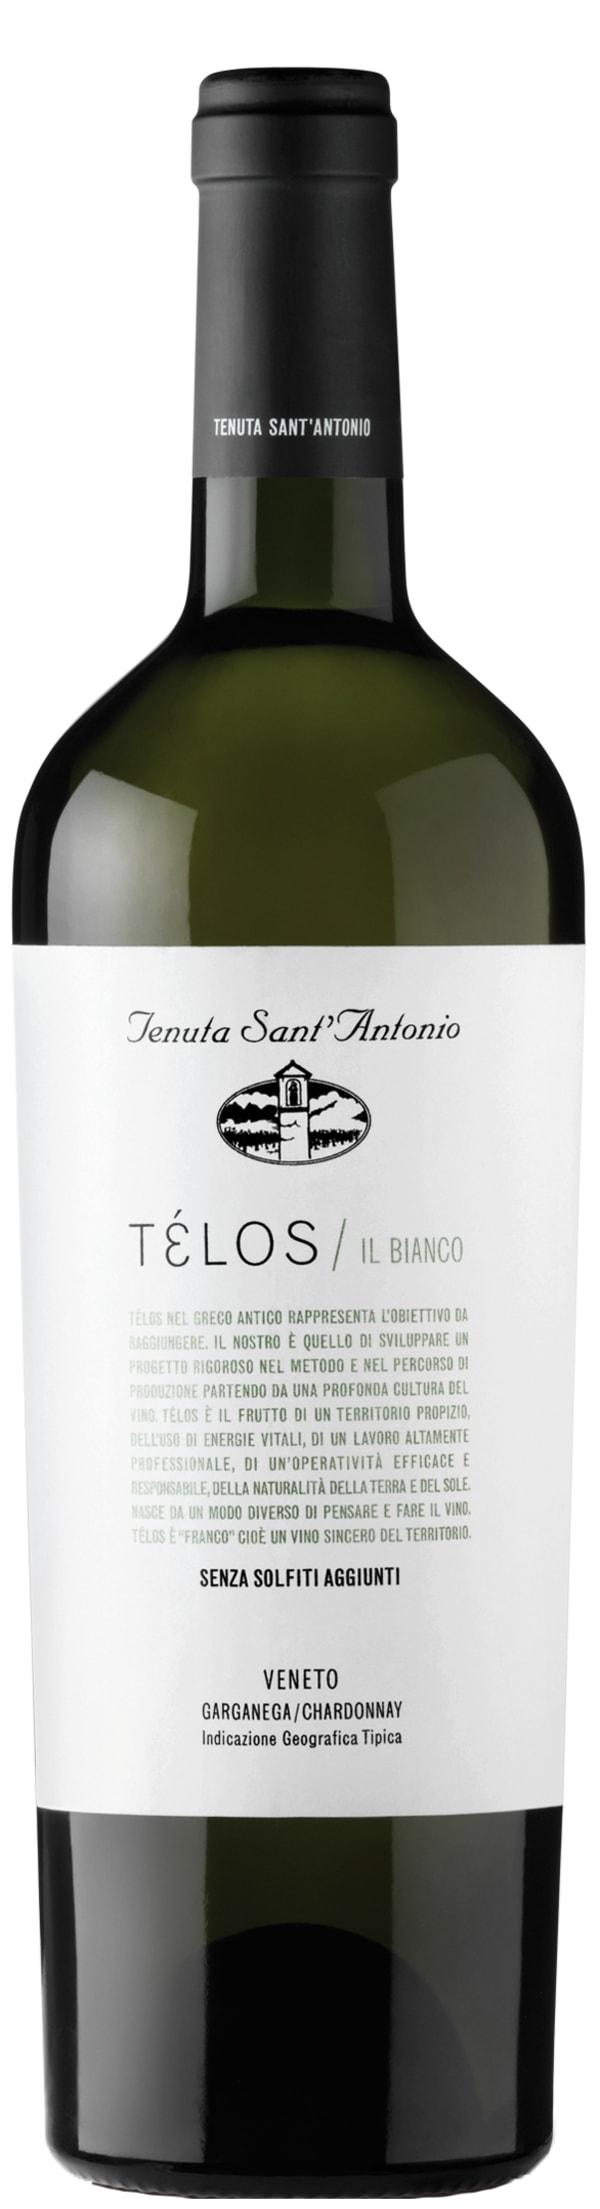 Tenuta Sant'Antonio Télos Il Bianco Garganega Chardonnay 2015